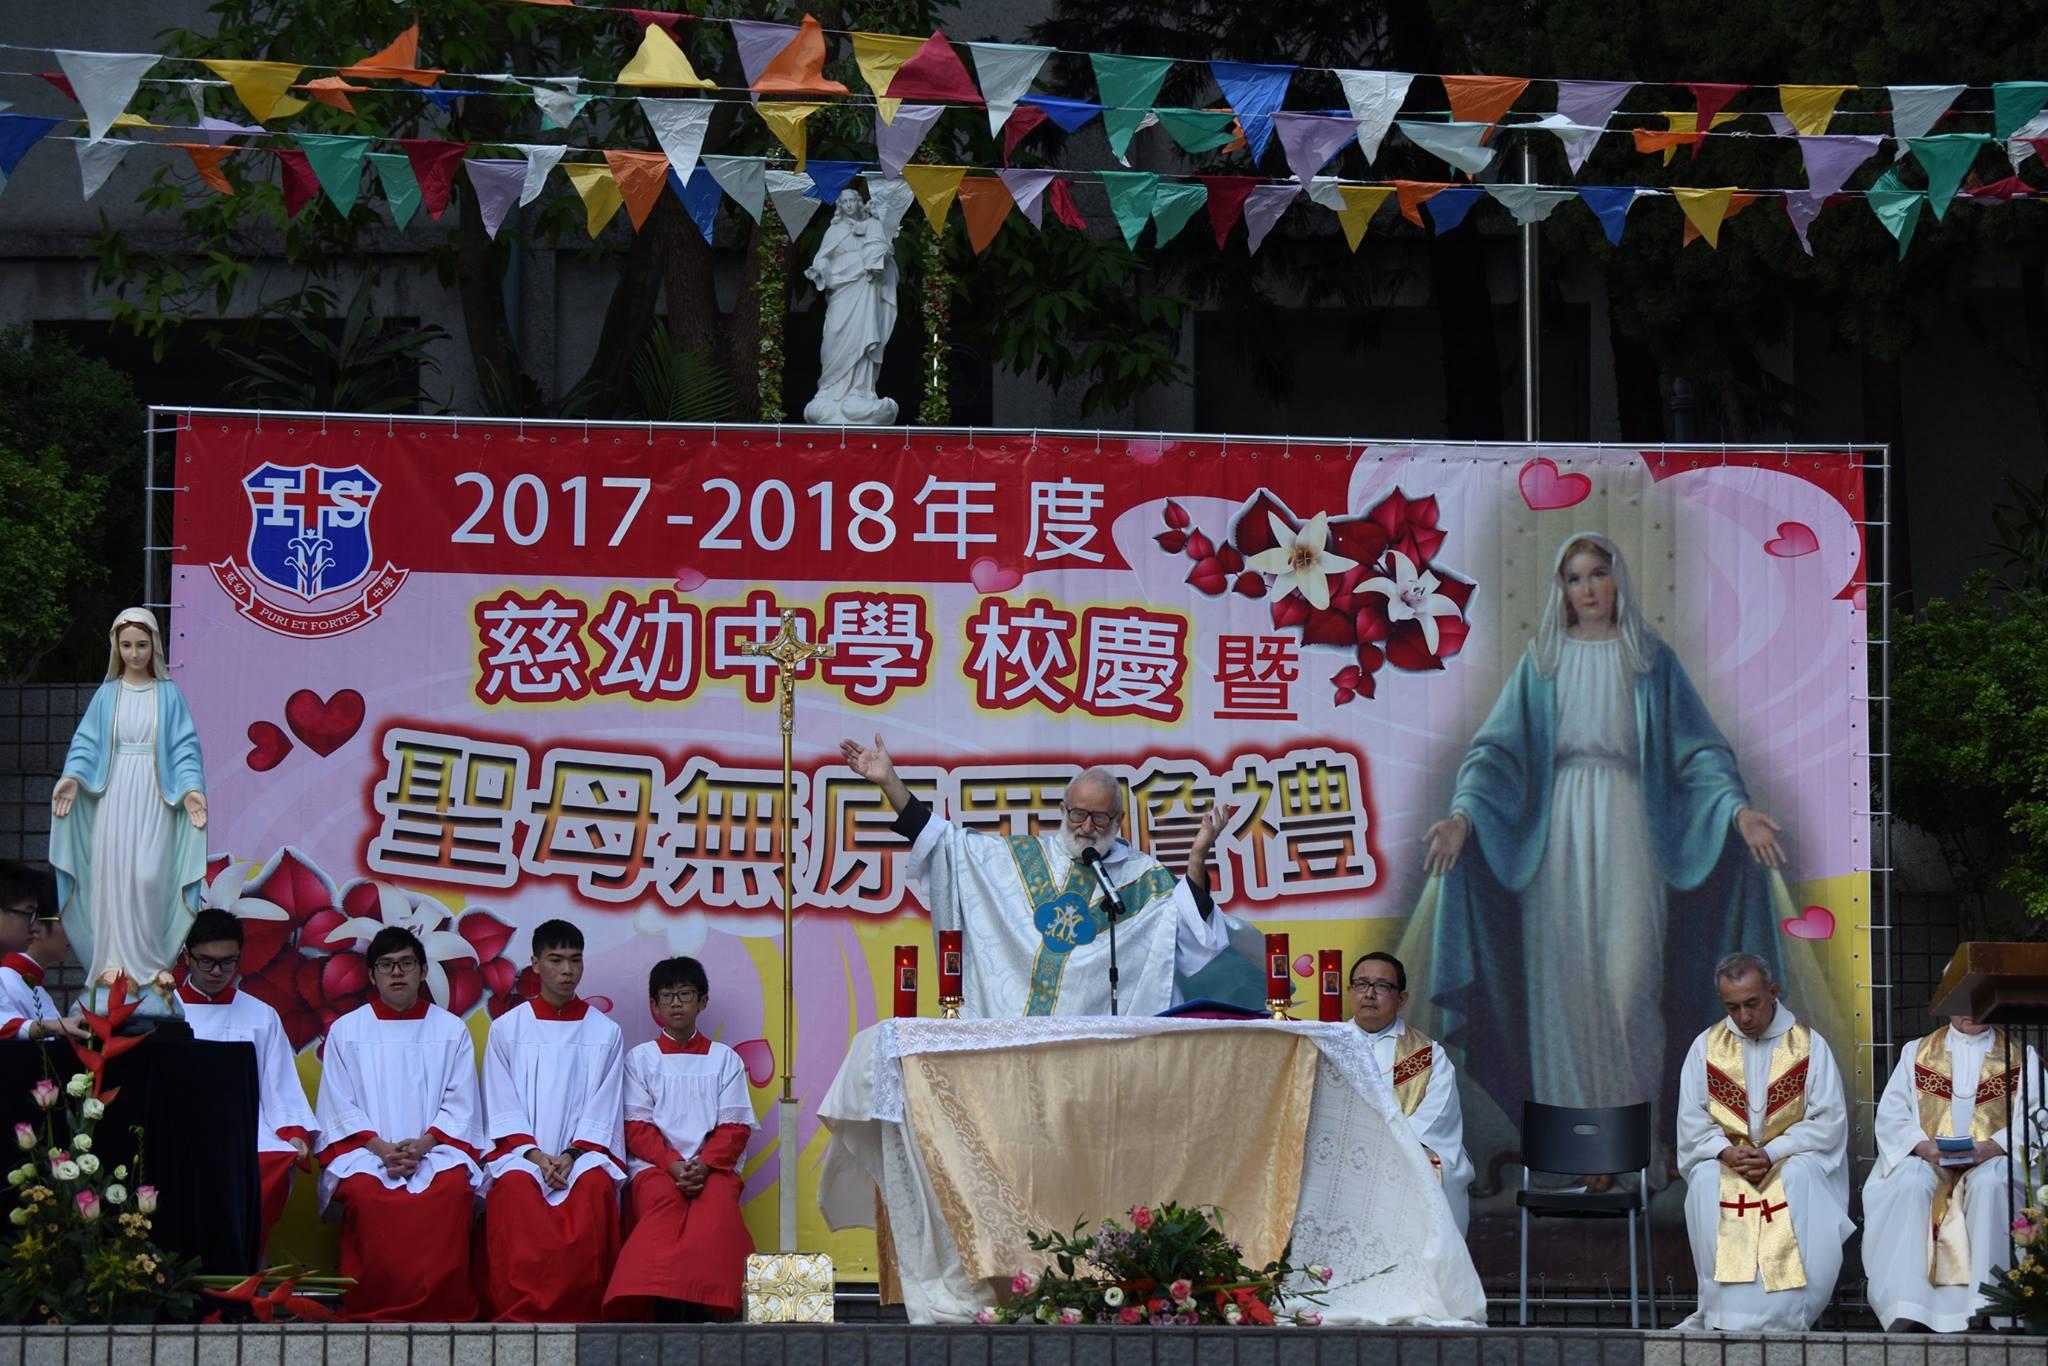 2017~2018 聖母無原罪瞻禮暨校慶感恩祭